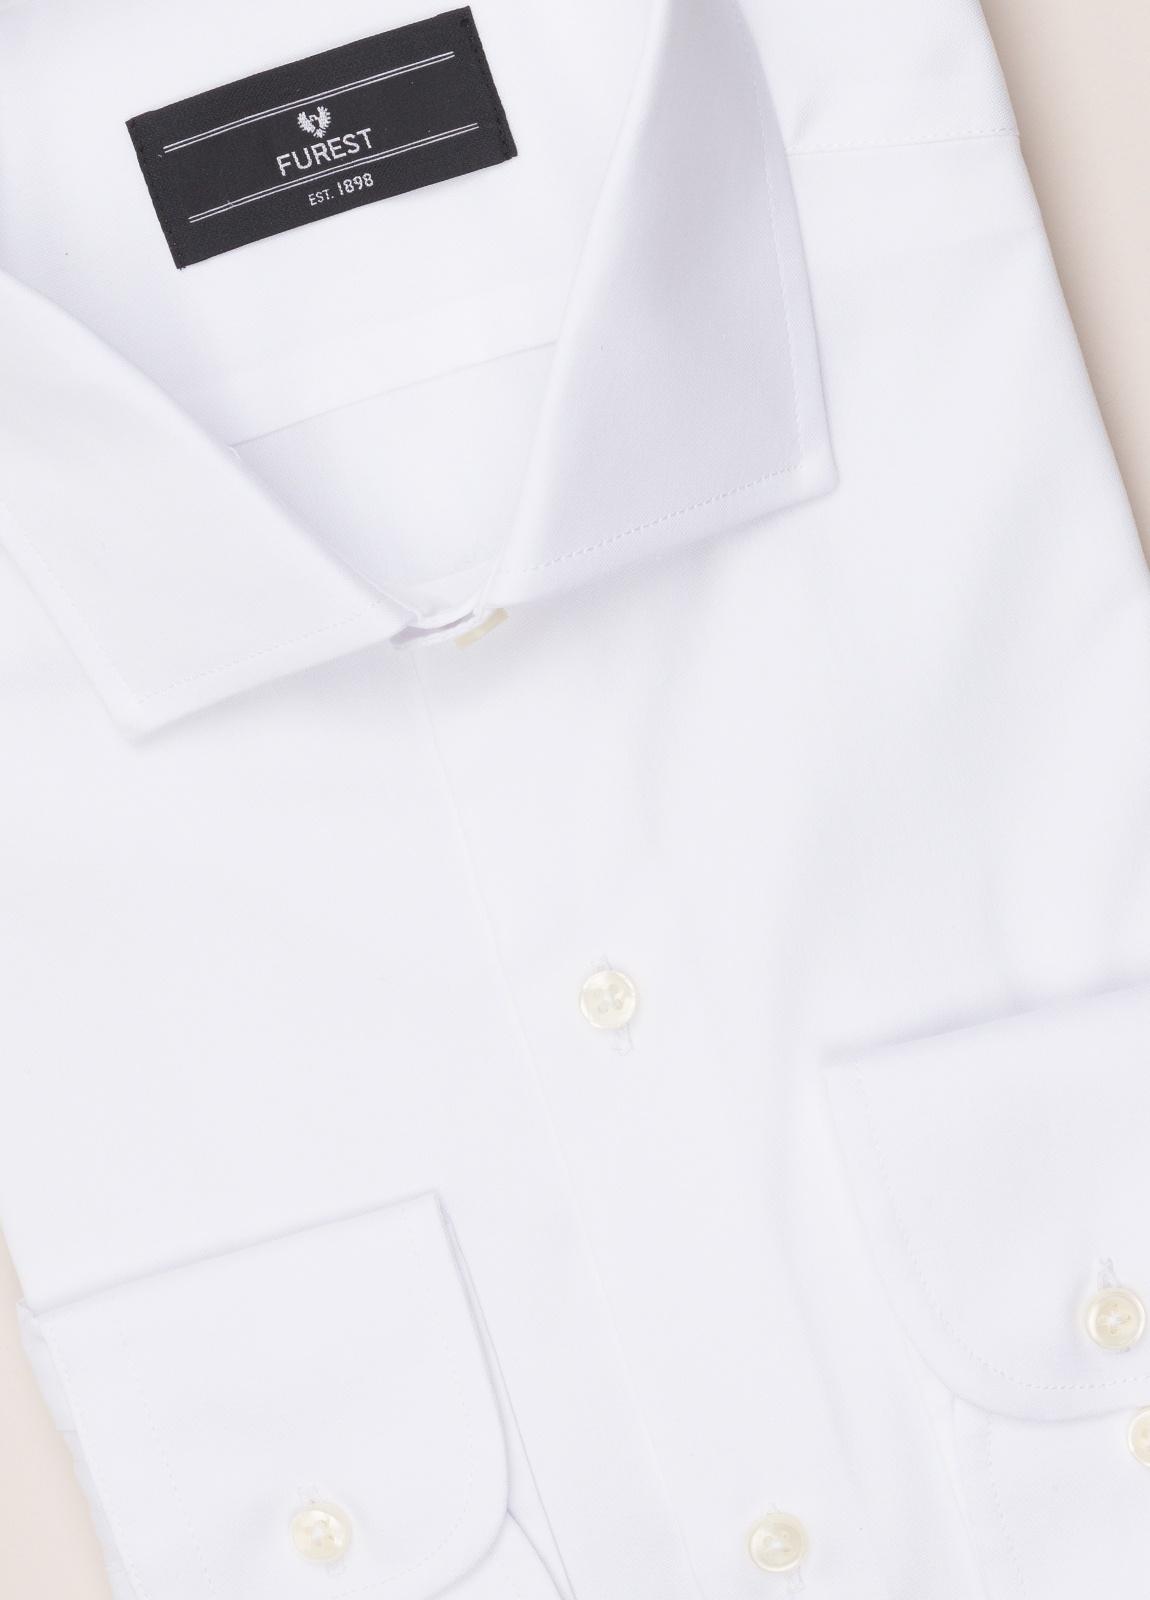 Camisa vestir FUREST COLECCIÓN REGULAR FIT cuello italiano Pin Point blanco - Ítem2